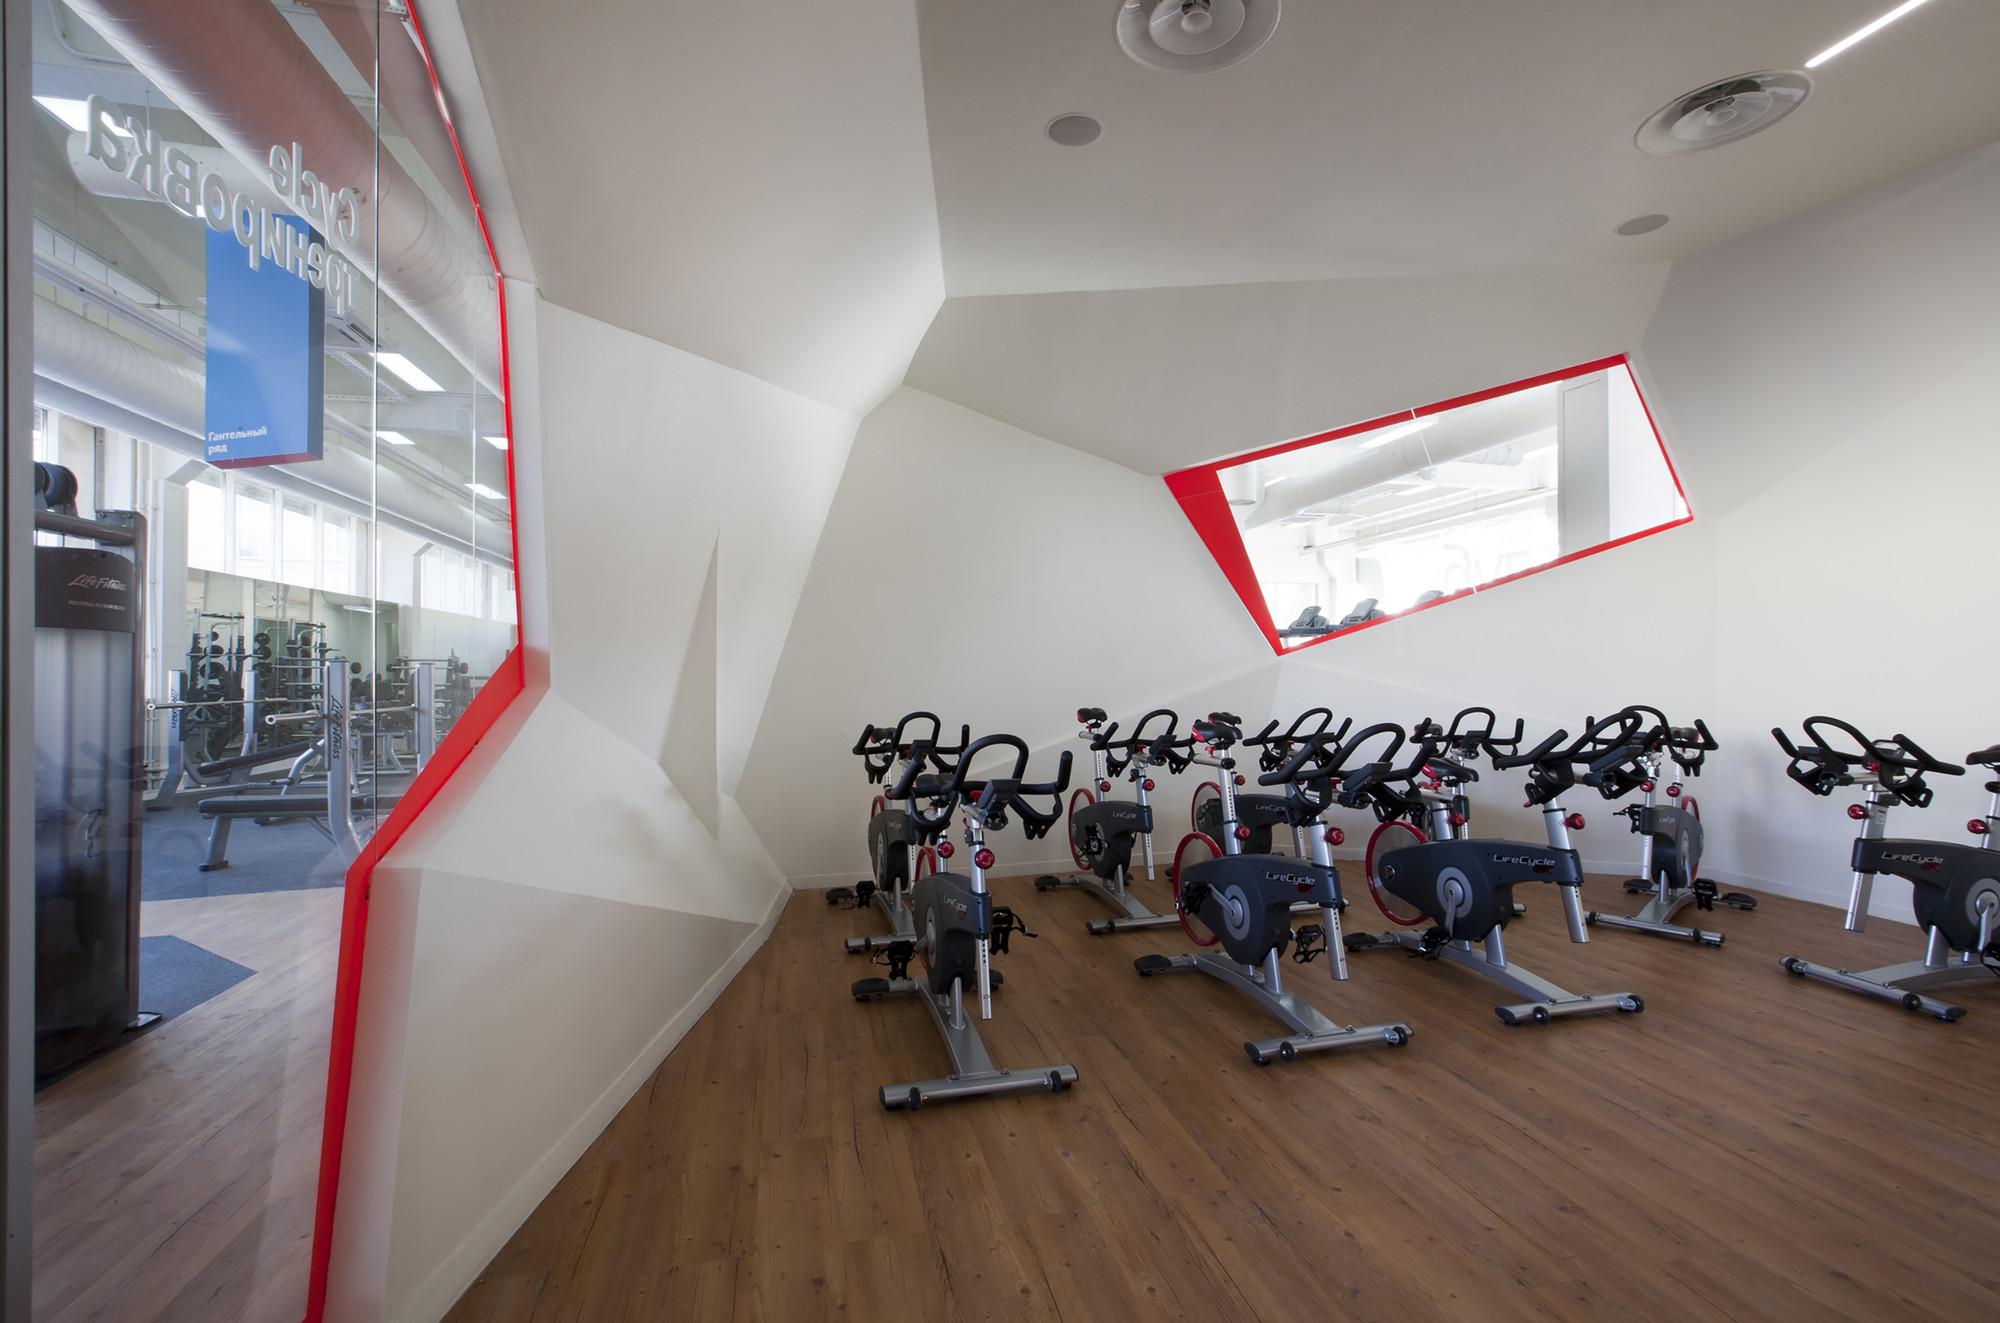 Дизайн фитнес-клуба: тренажёрный зал с окном стоящим под углом